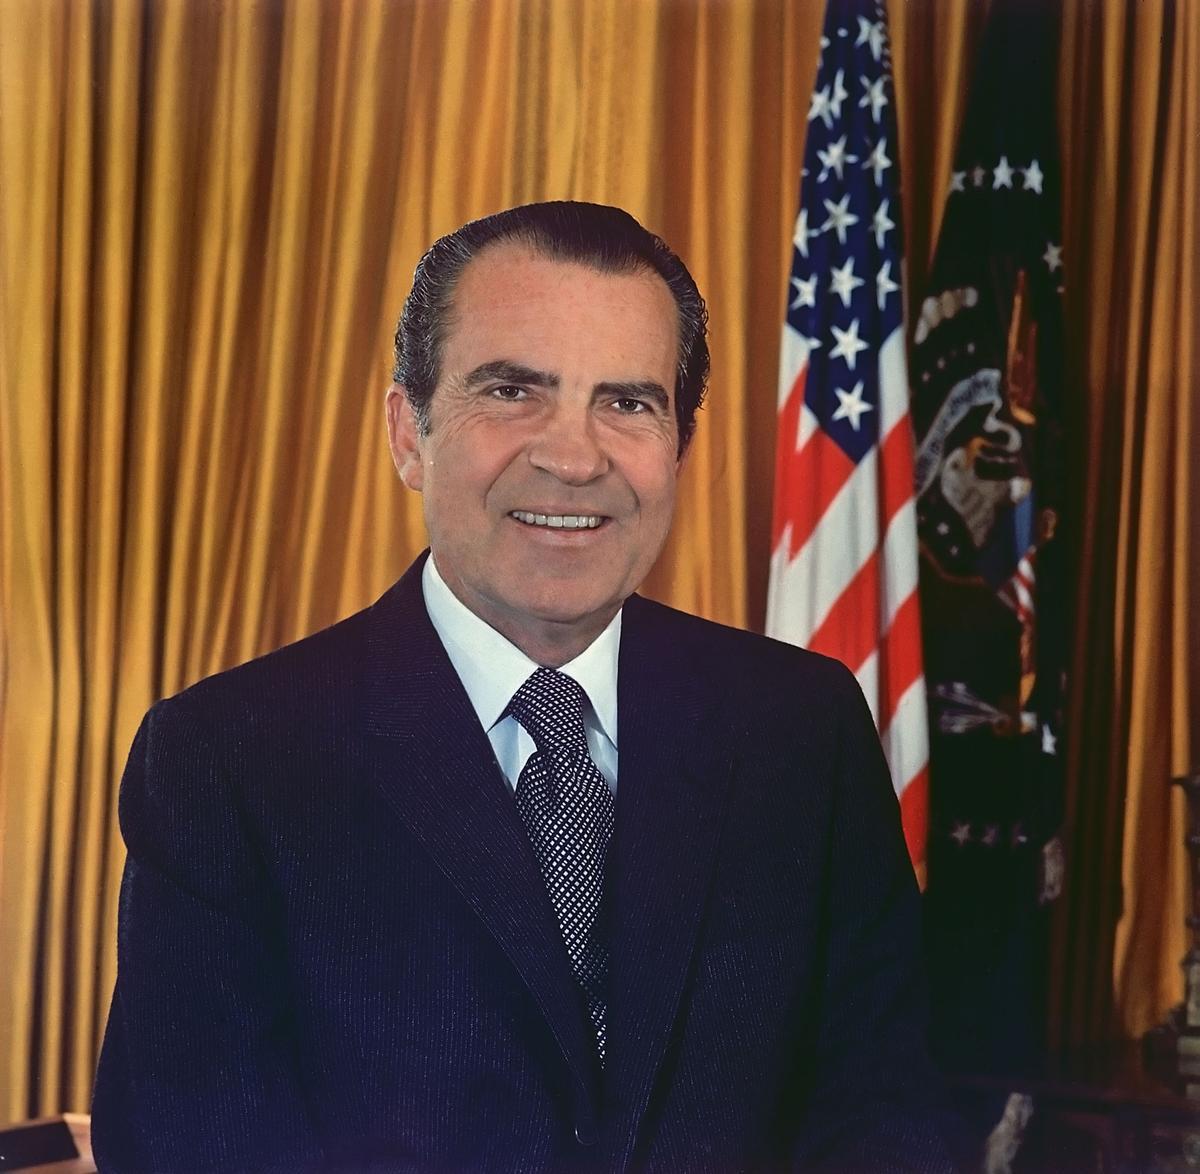 Richard Nixon Costume: Before The Guy Fawkes Mask, There Was Latex Richard Nixon